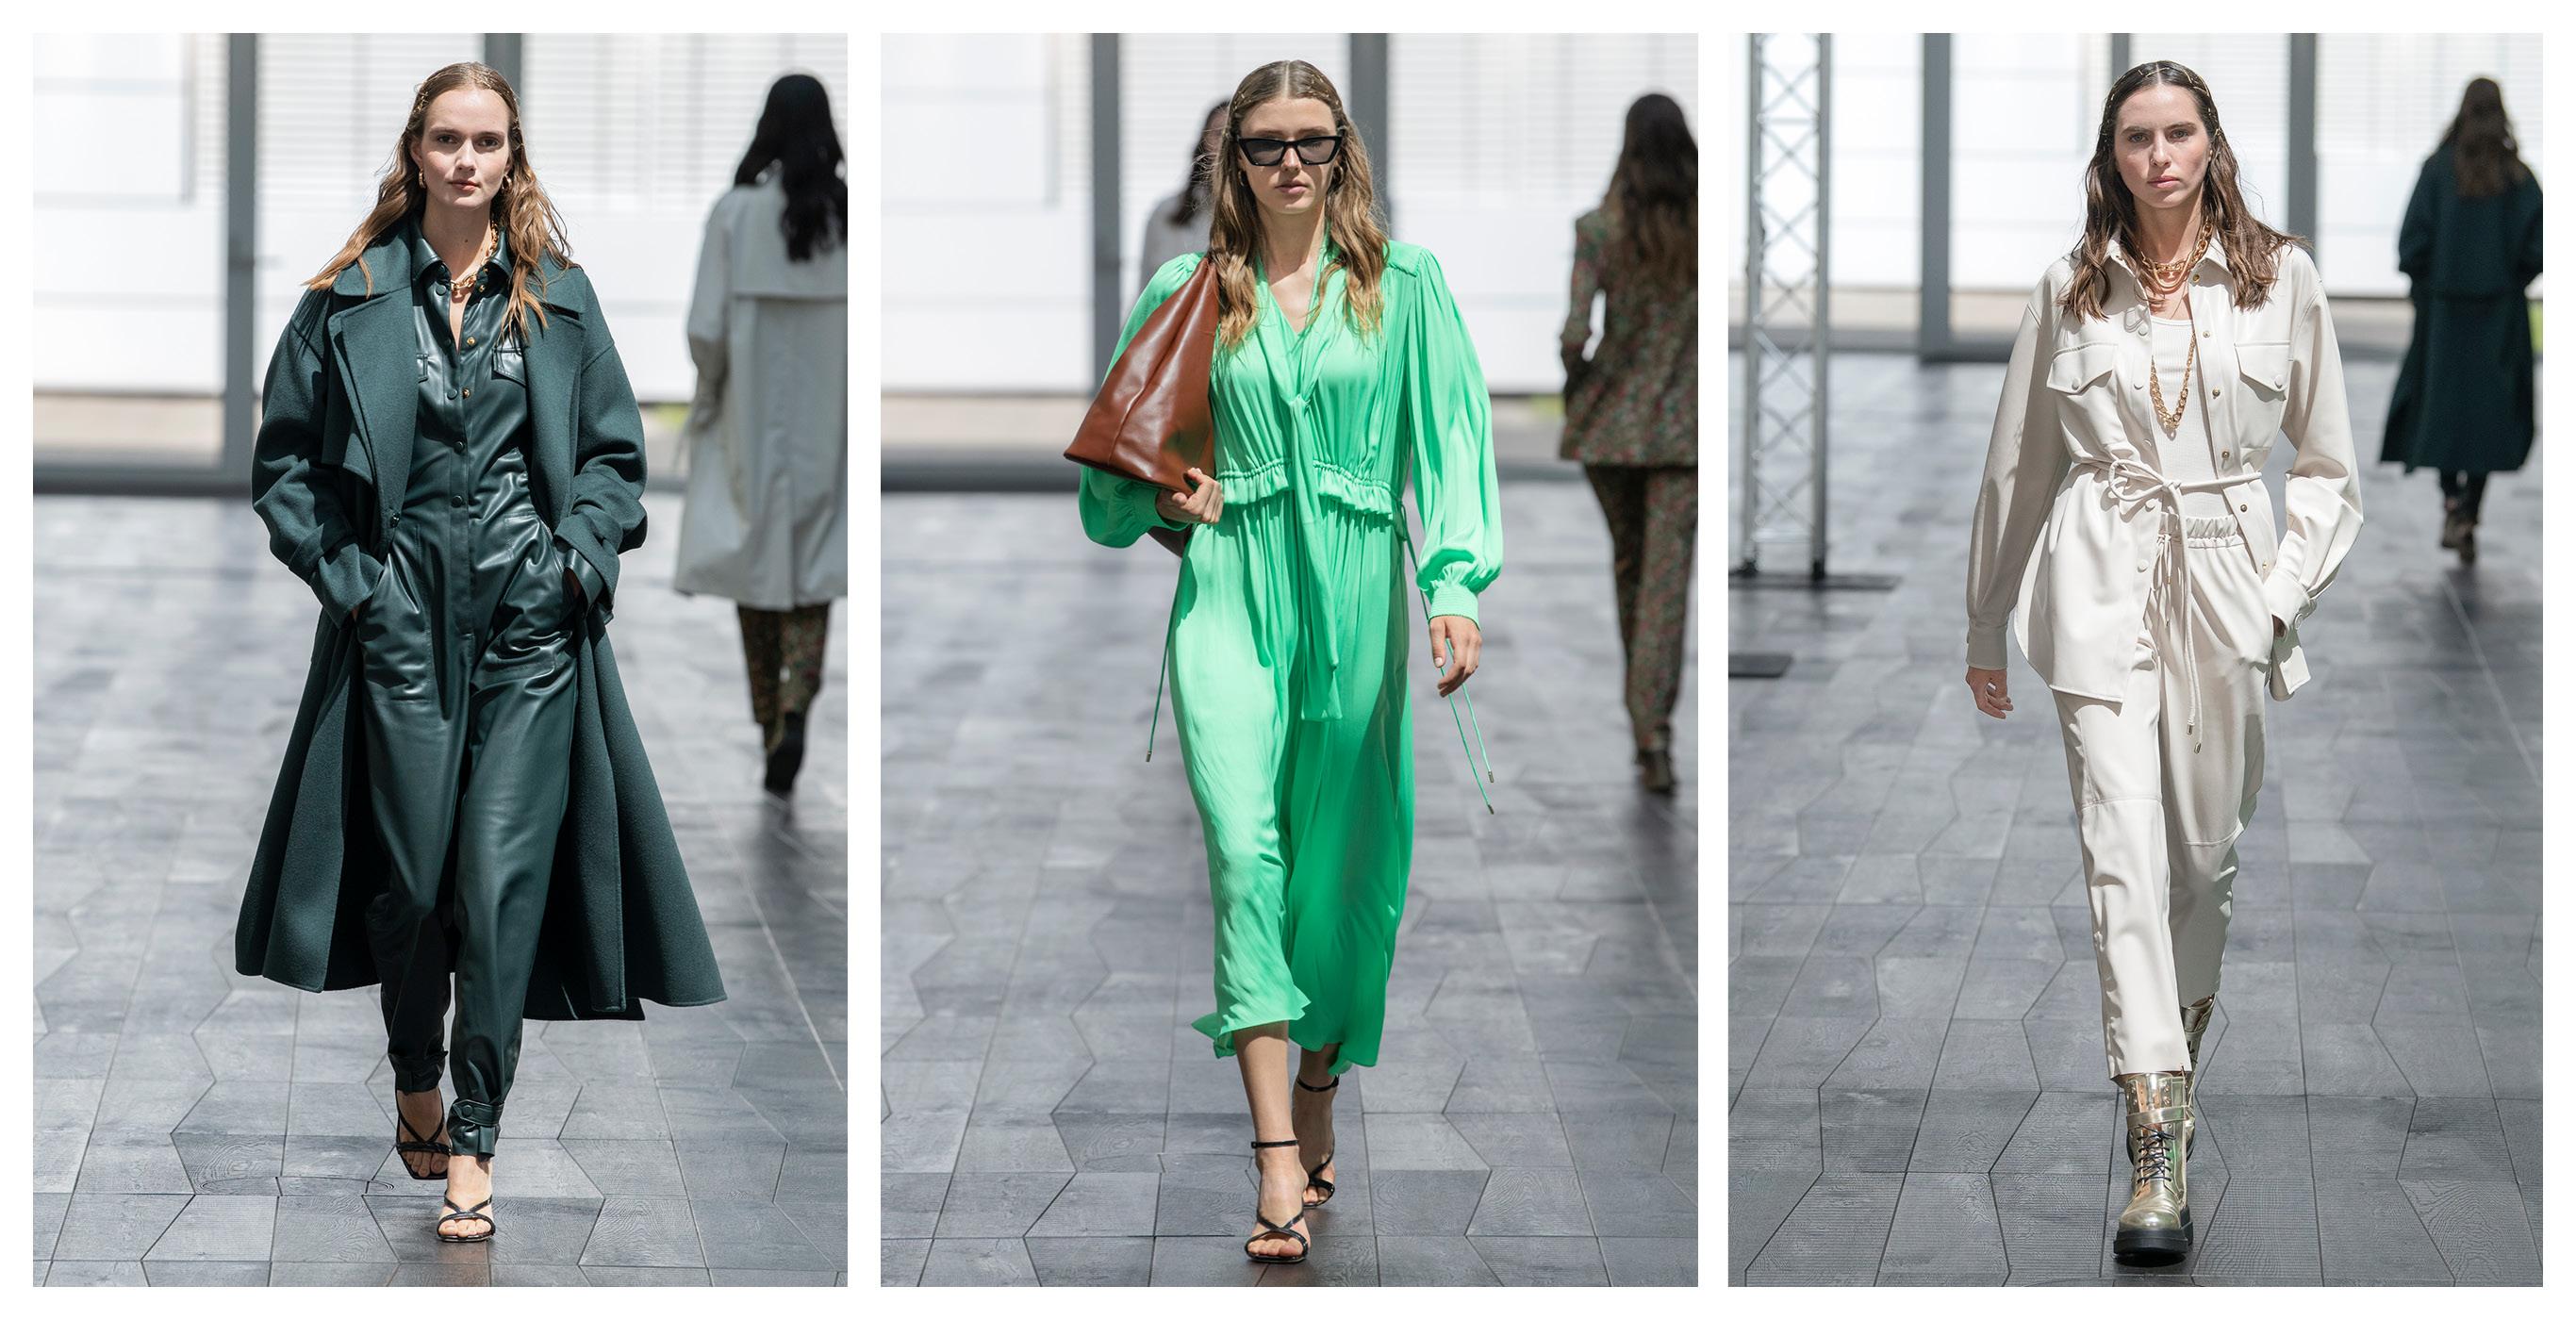 SaisonQ_FashionFilm_Slider1_Catwalk